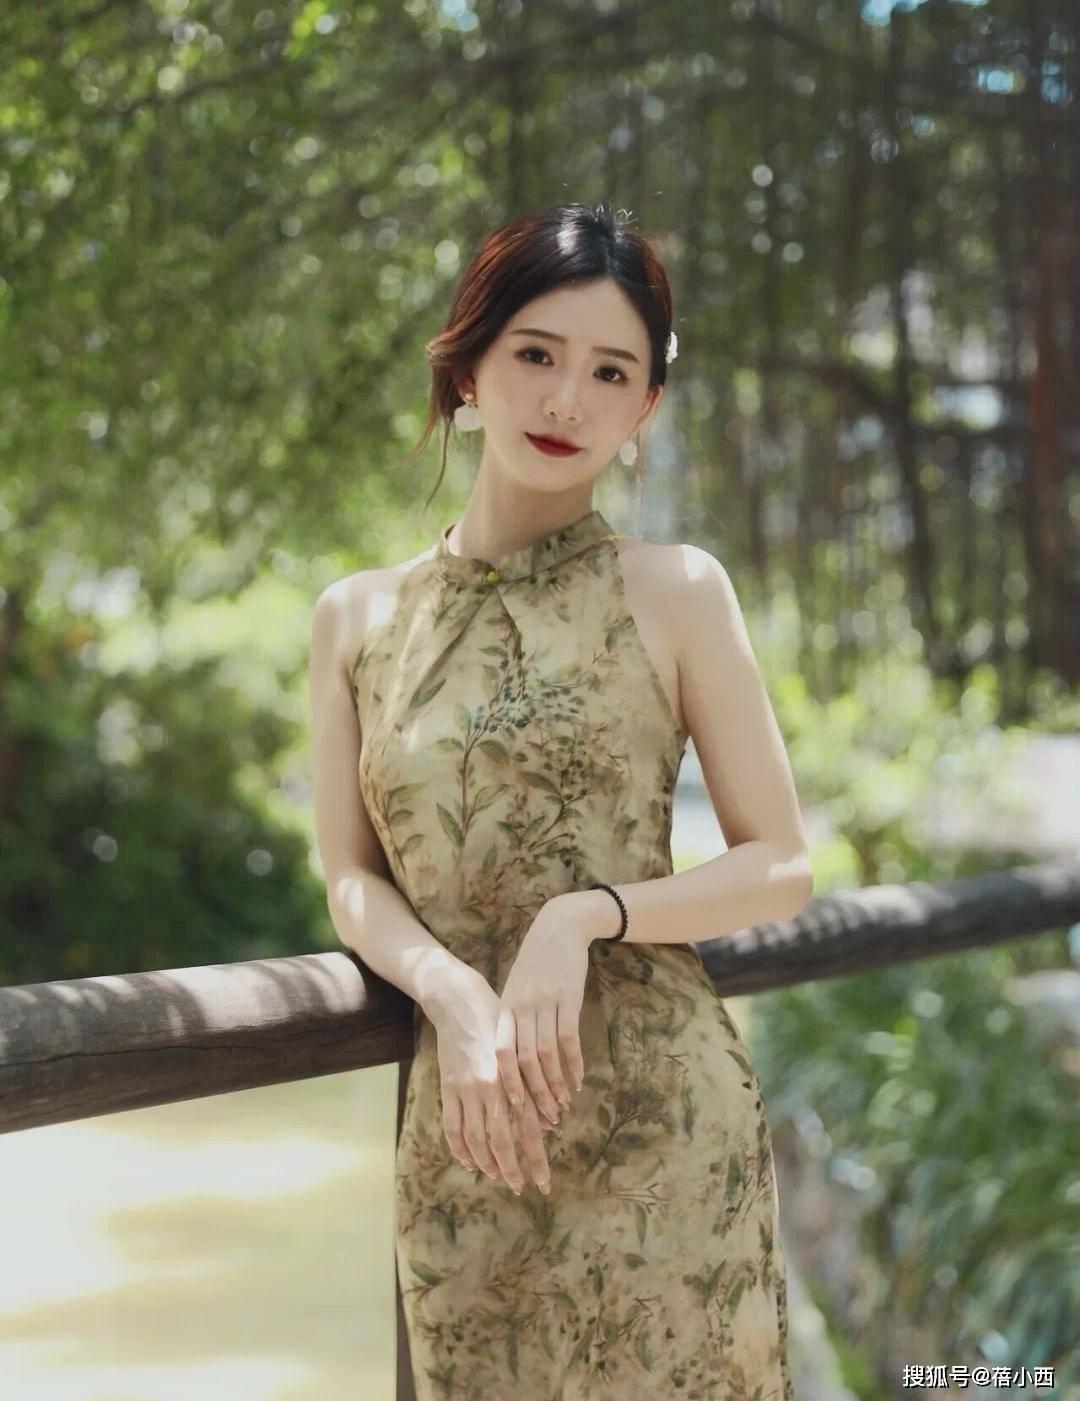 原创             日本媳妇林志玲又惊艳了我,穿紫色短旗袍亮相,不露也照样秀身材